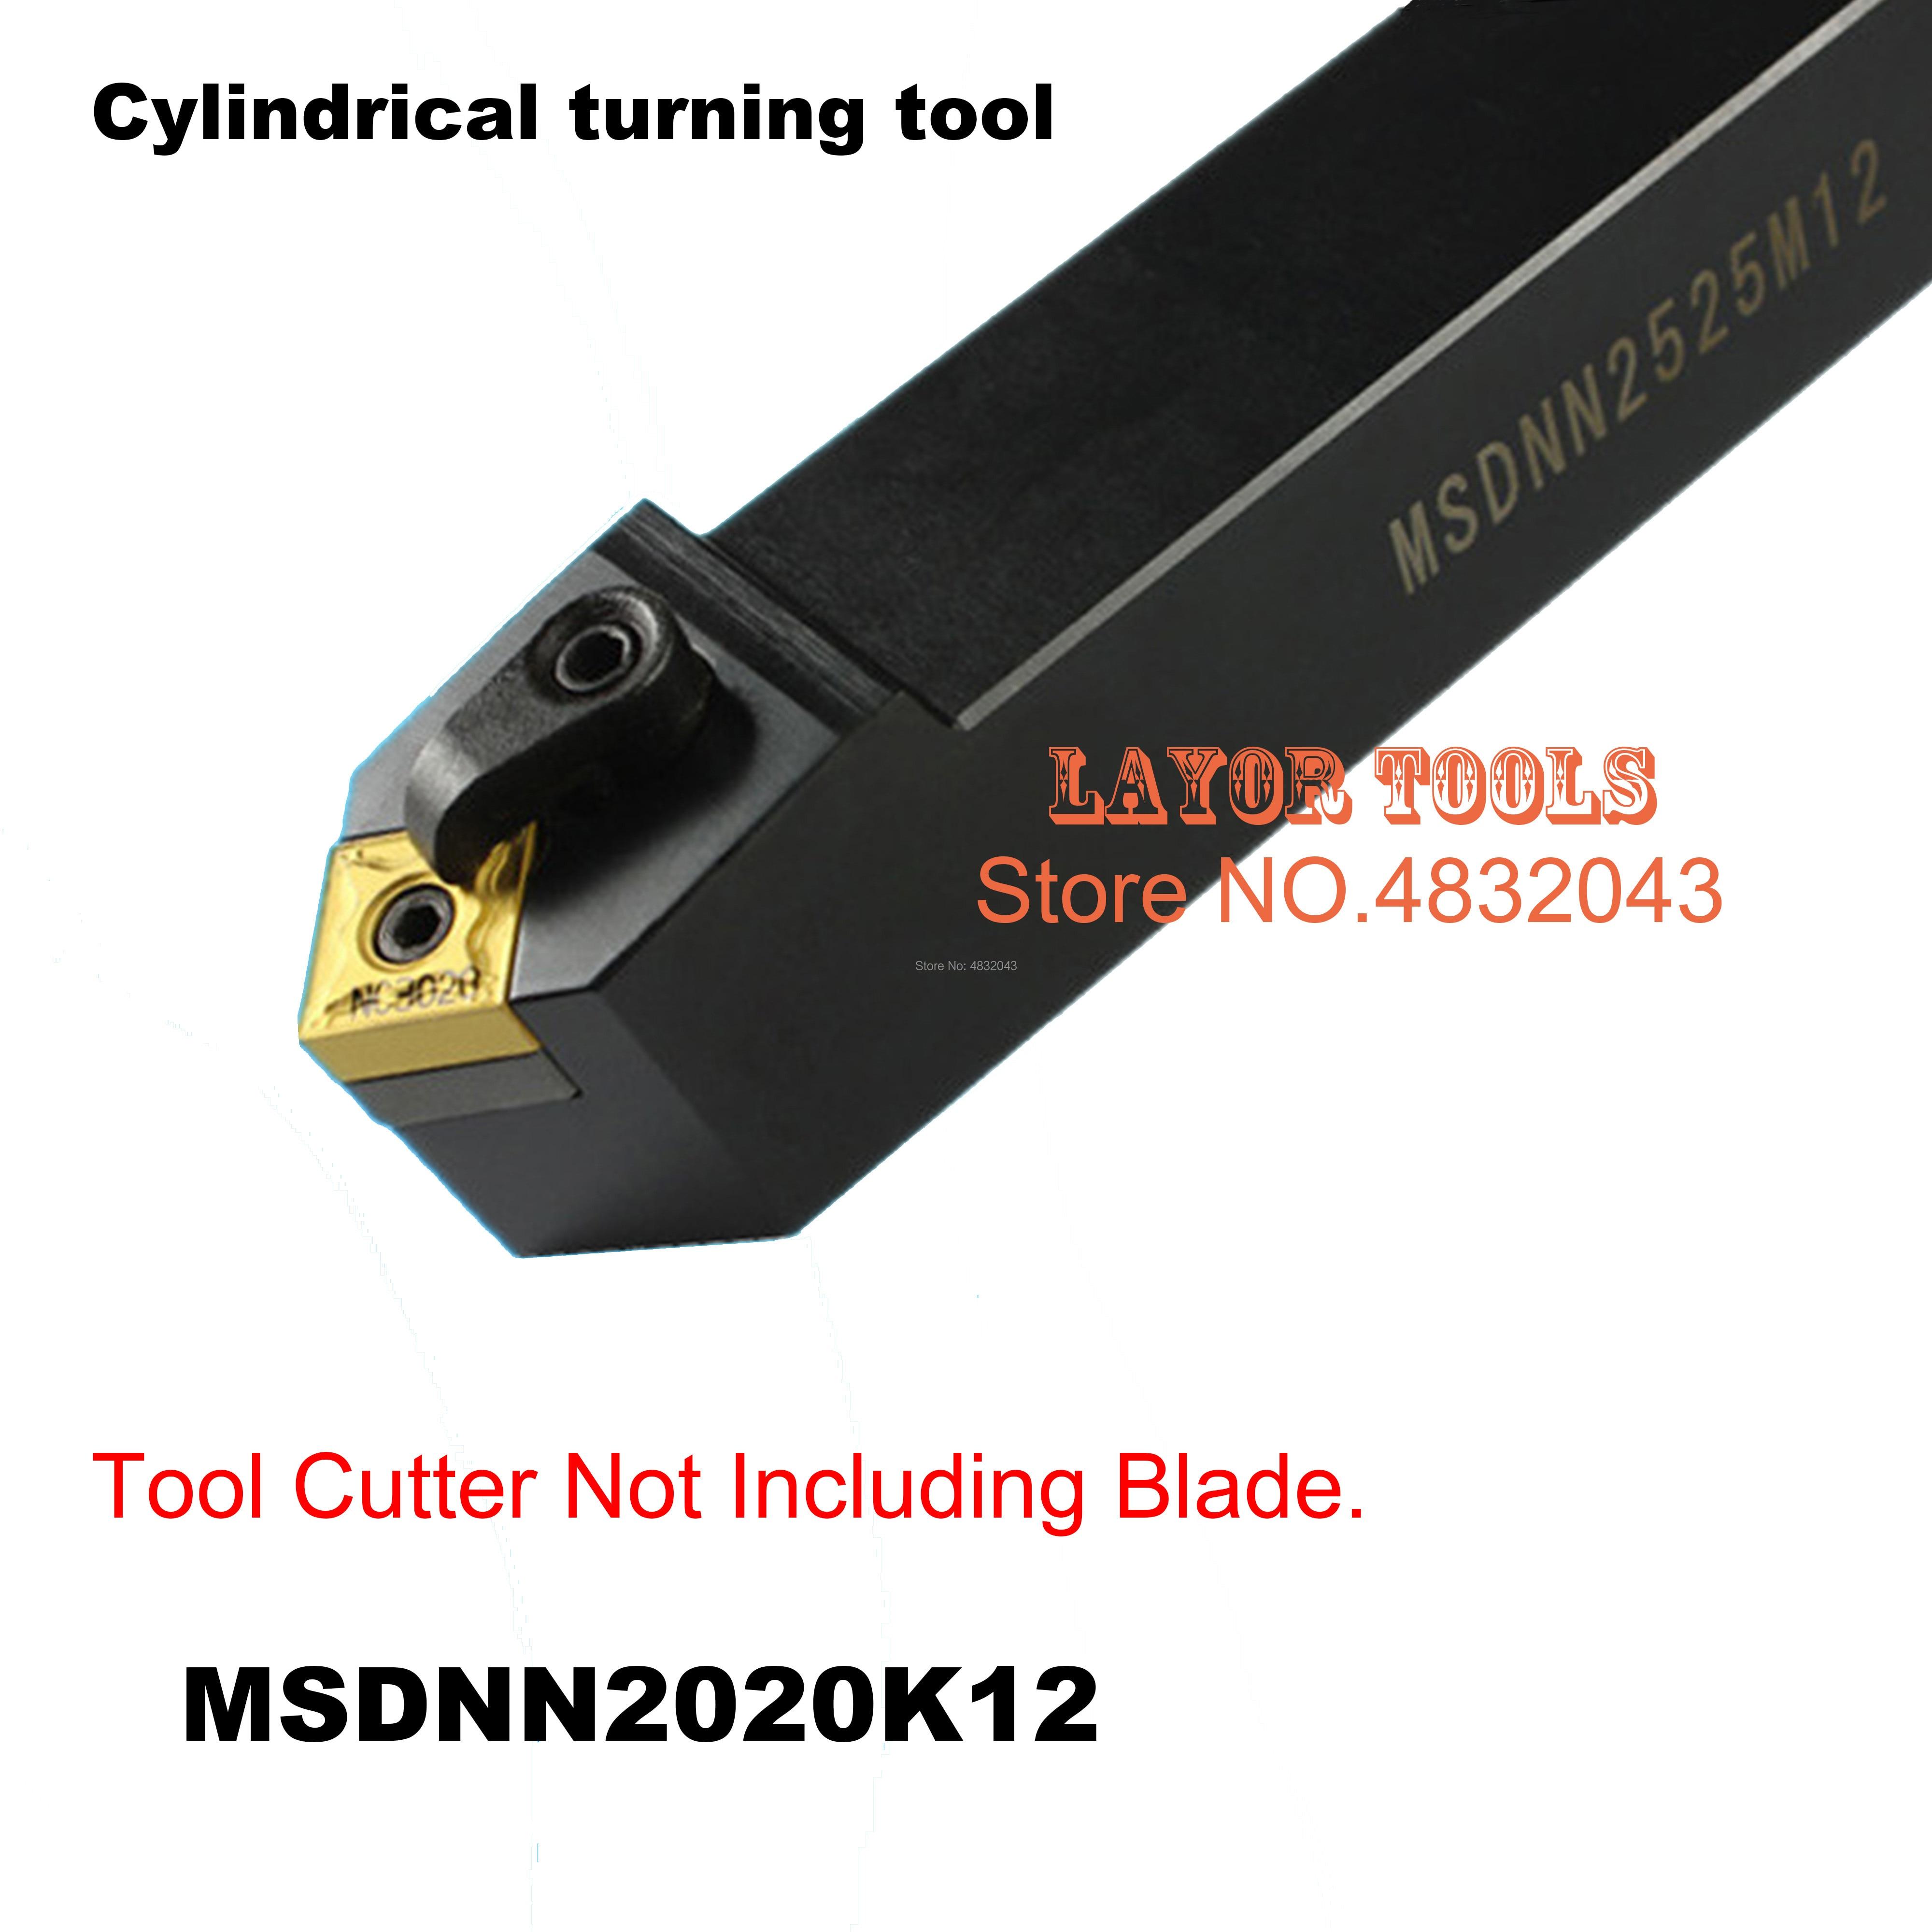 MSDNN2020K12, lojas de Fábrica de ferramentas de viragem extermal, a espuma, chato bar, cnc, máquina, Factory Outlet